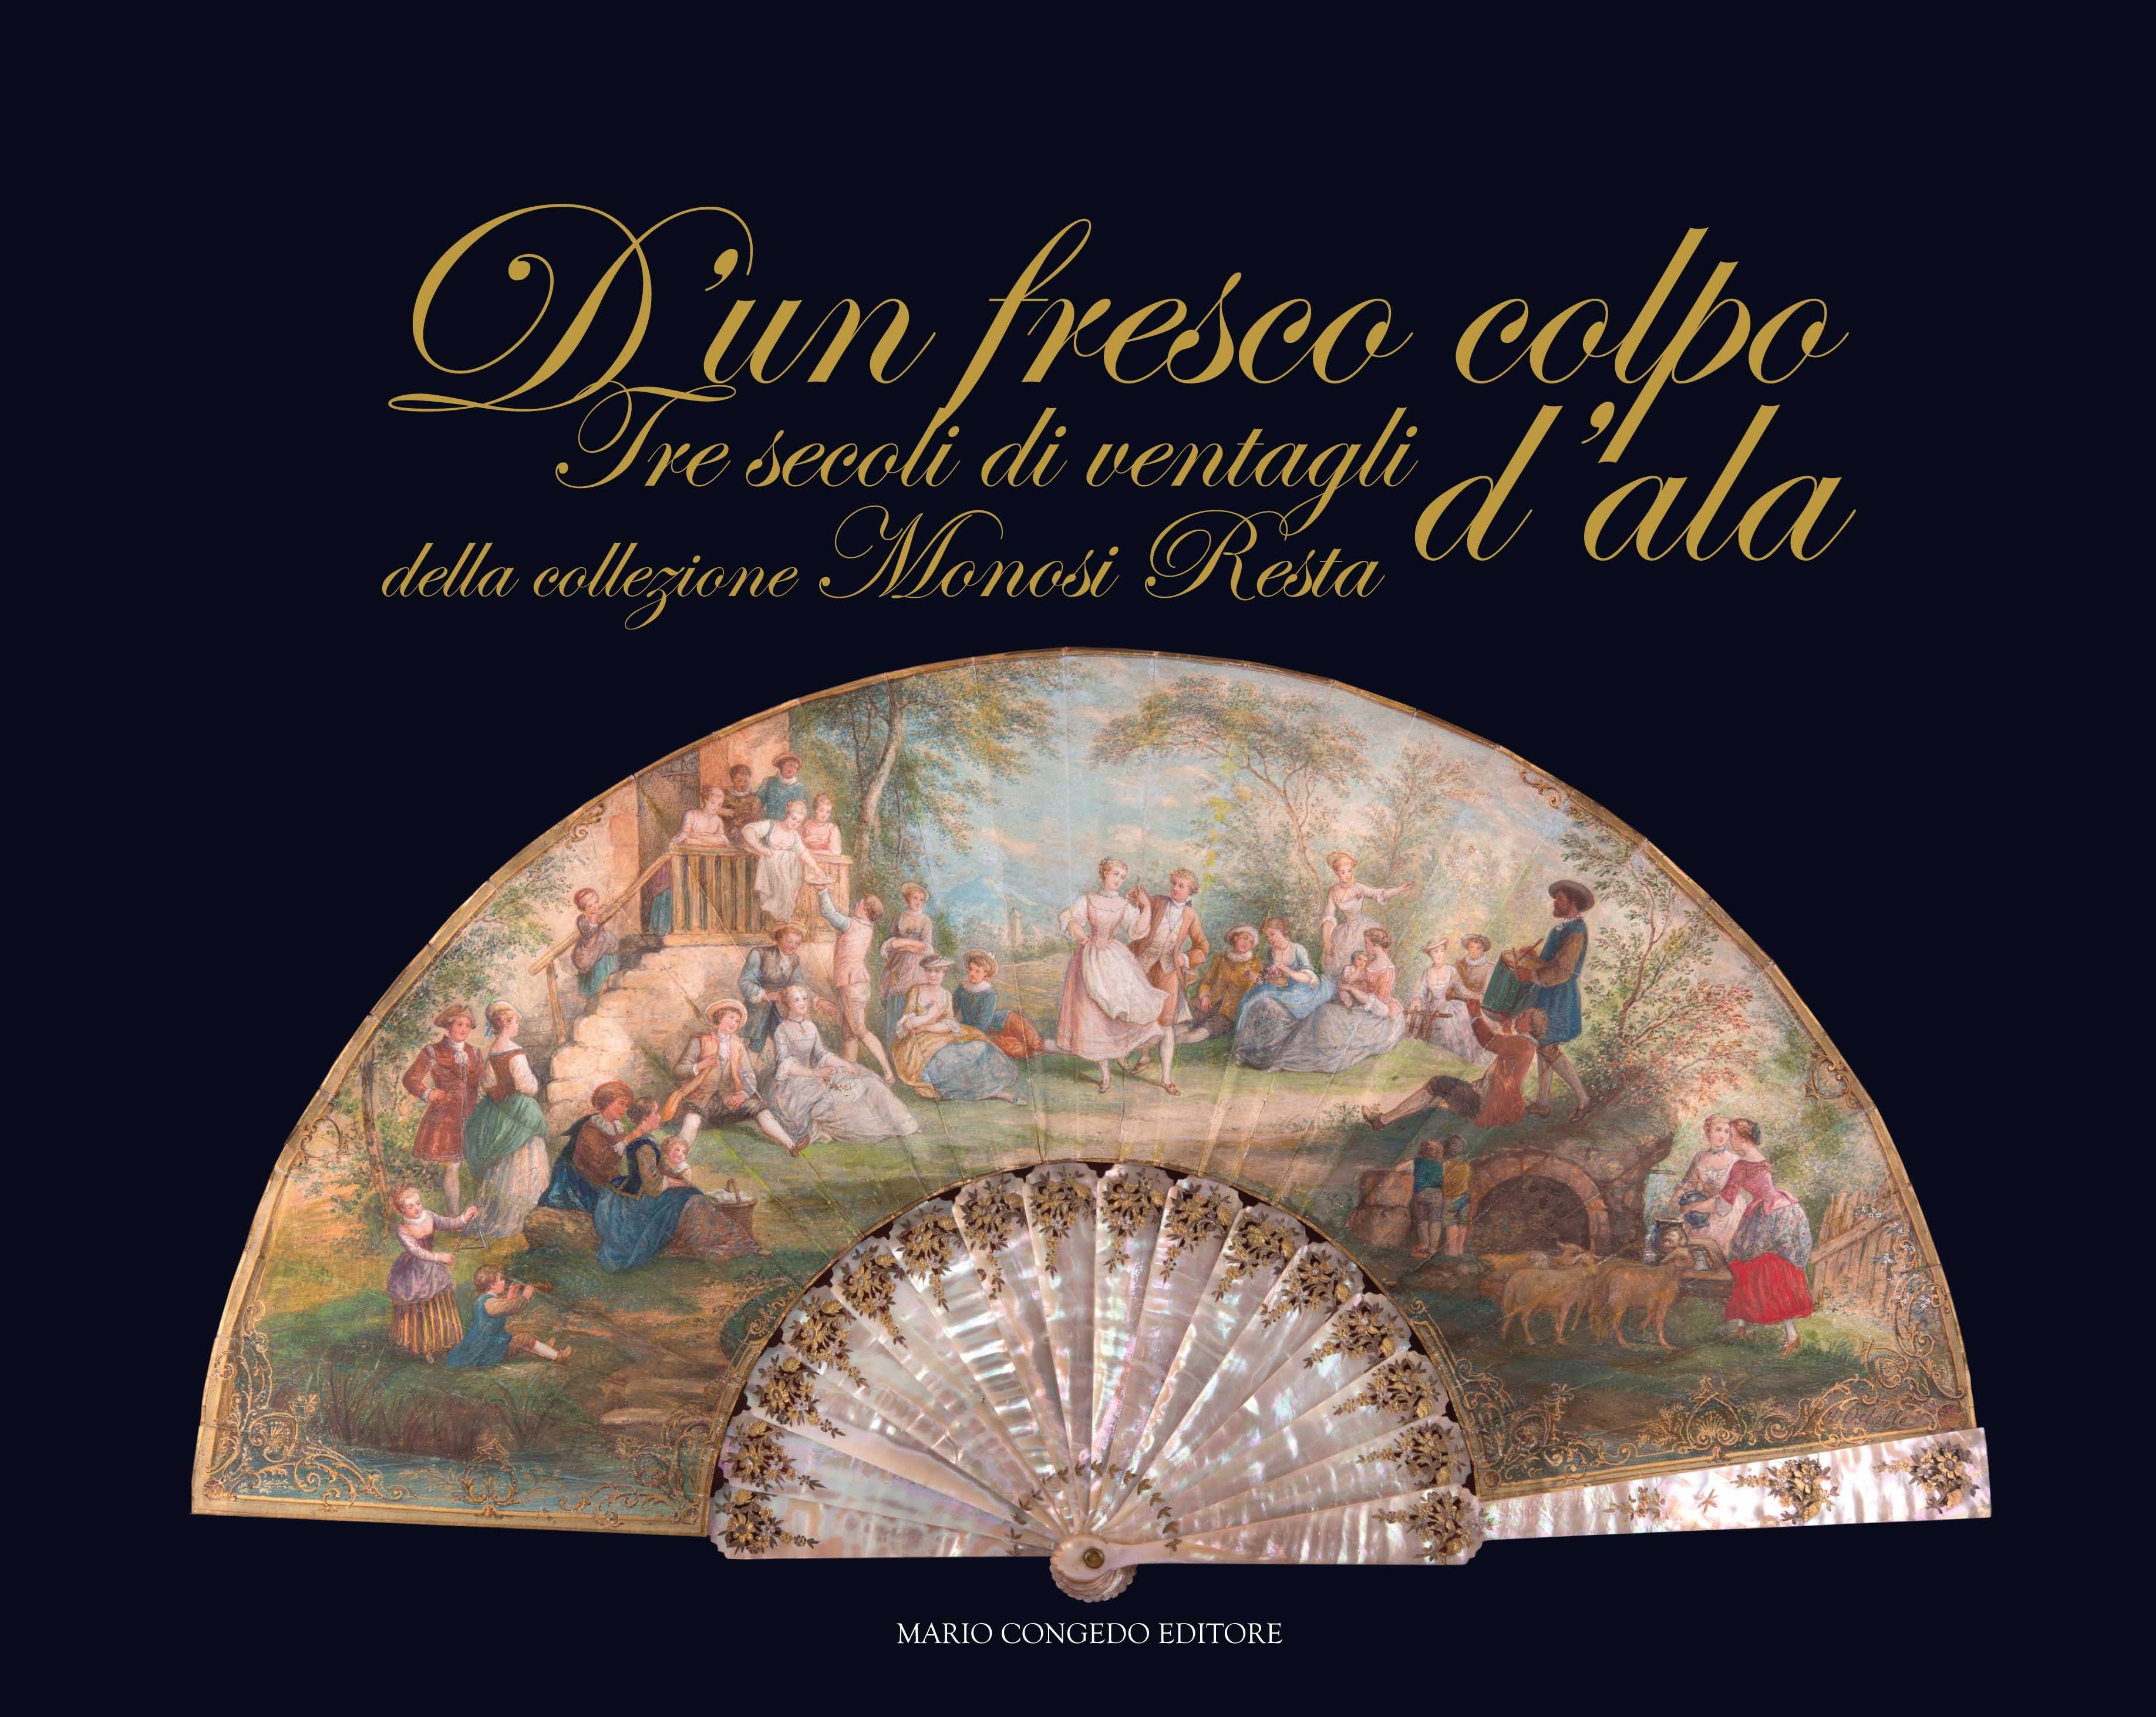 D 'un fresco colpo d'ala. Tre secoli di ventagli della collezione Monosi Resta